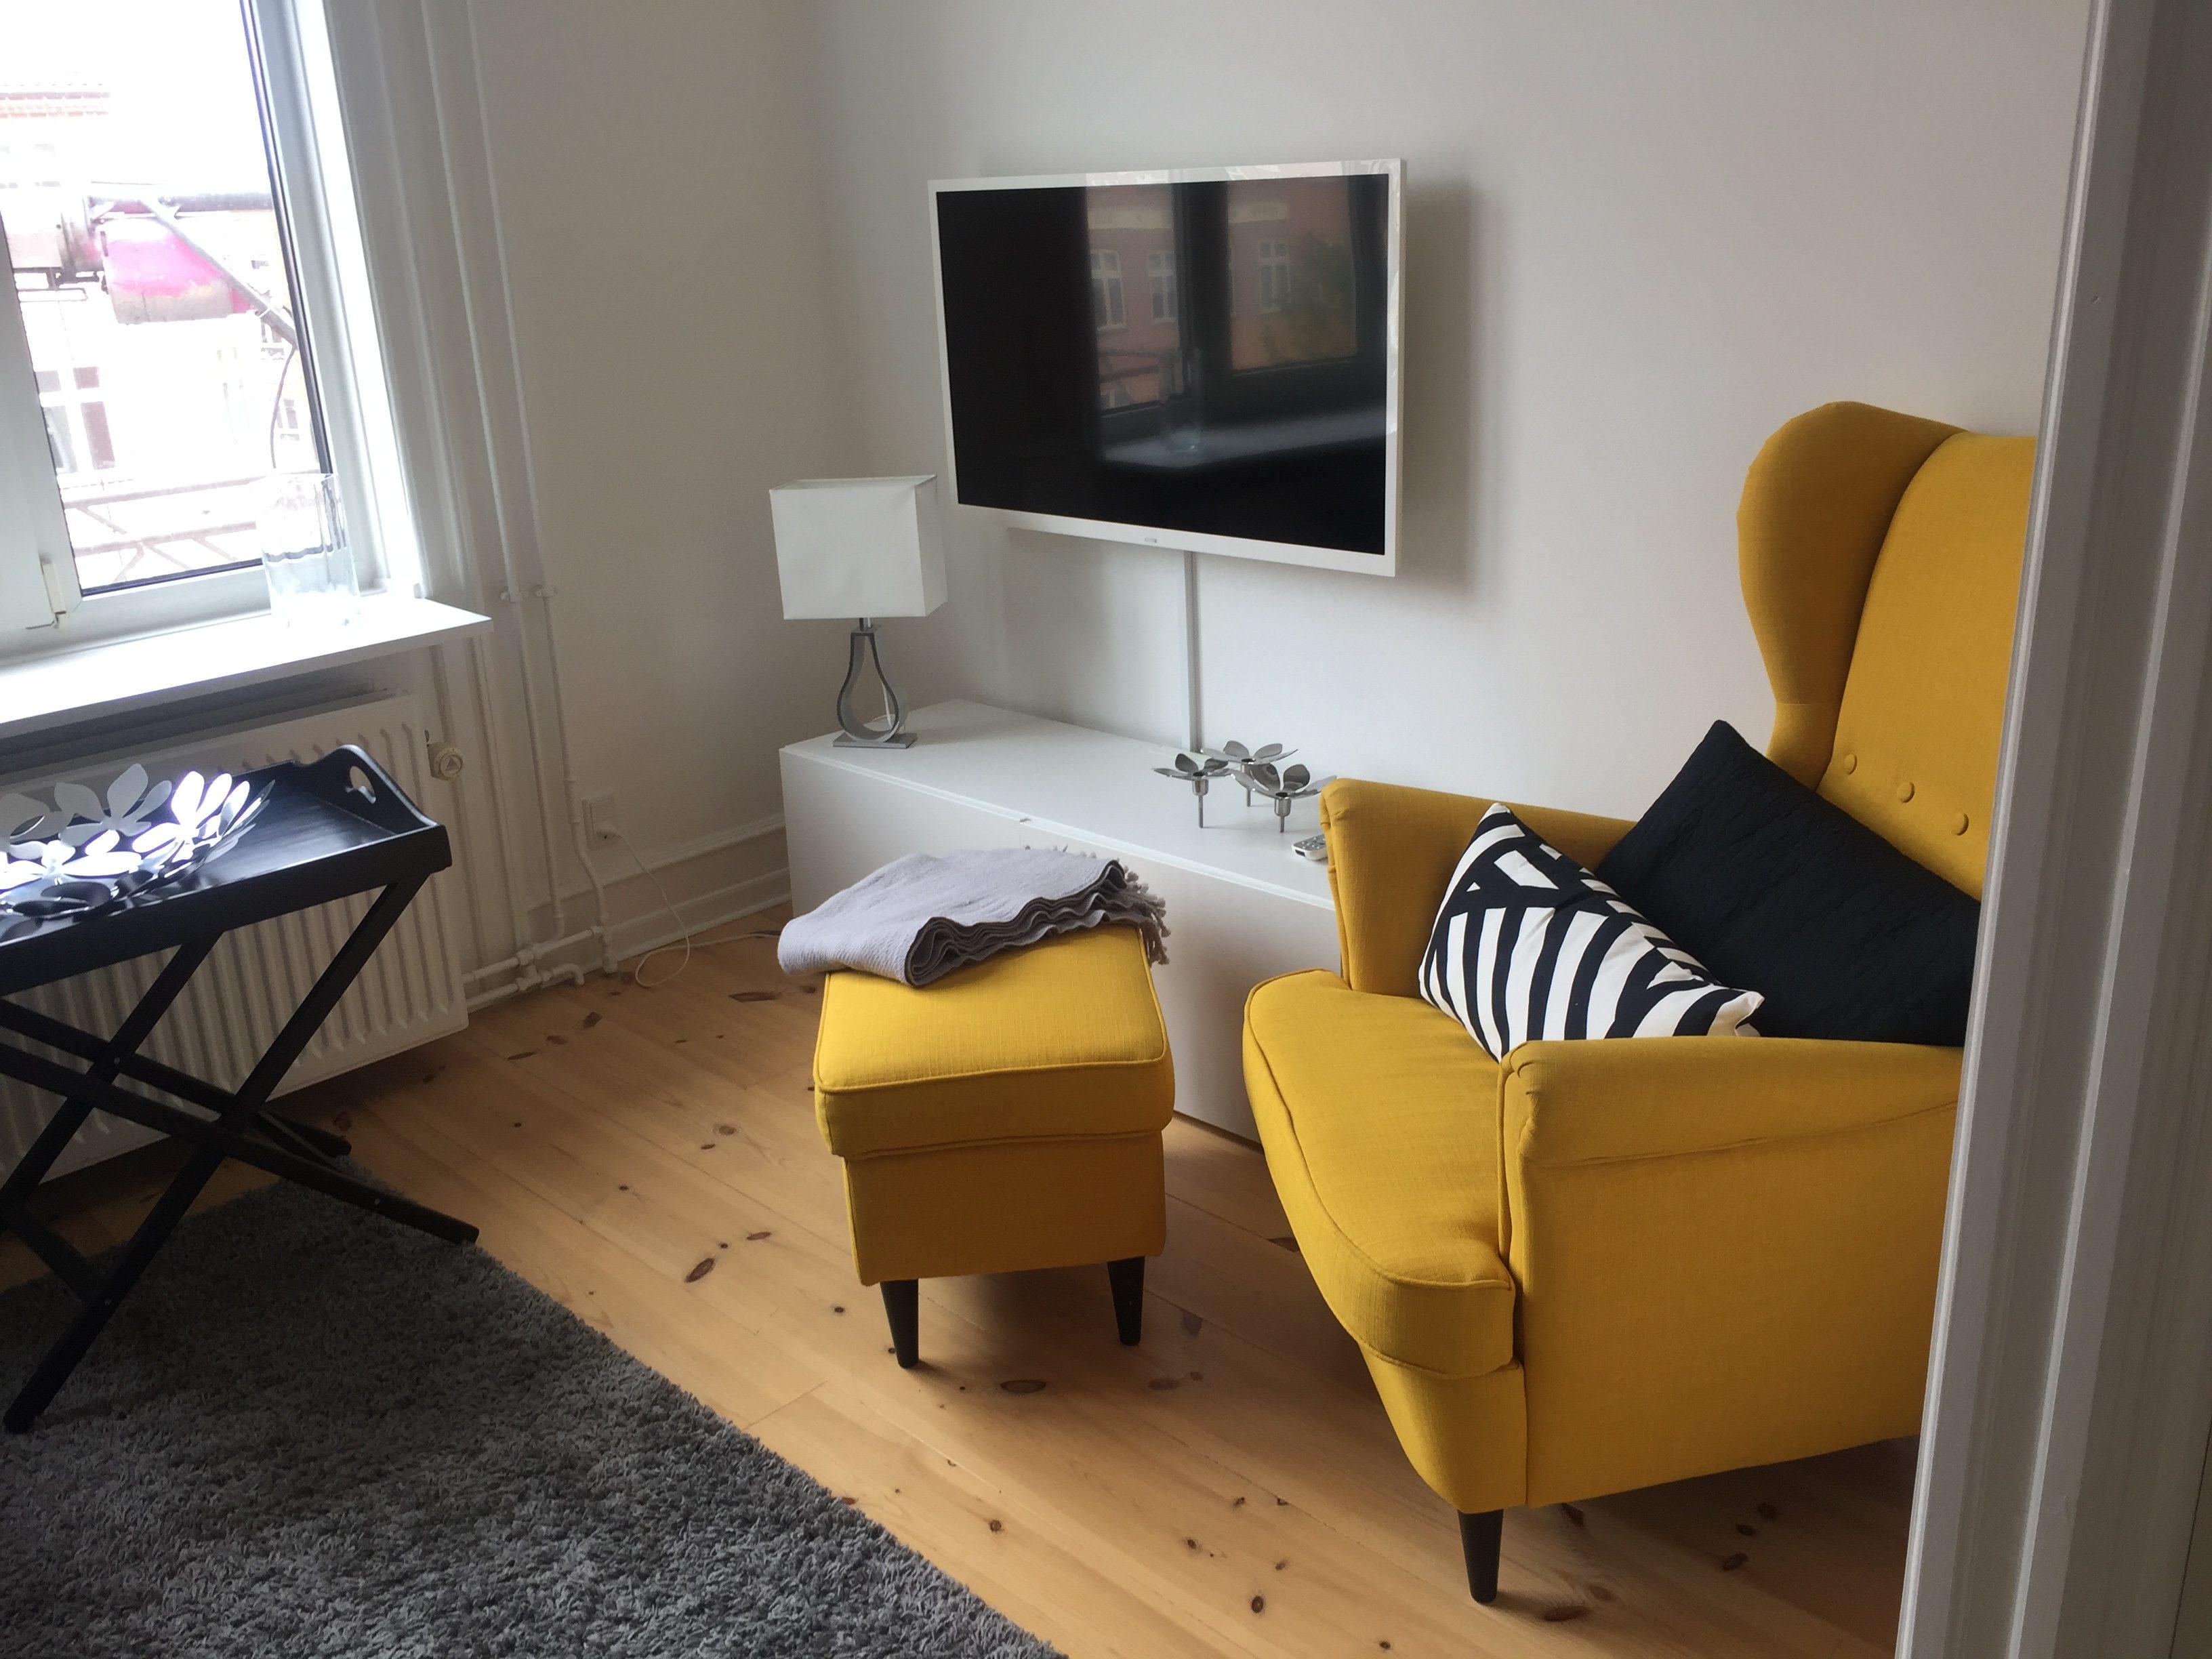 1519 – 2 værelses lejlighed på Højdevej